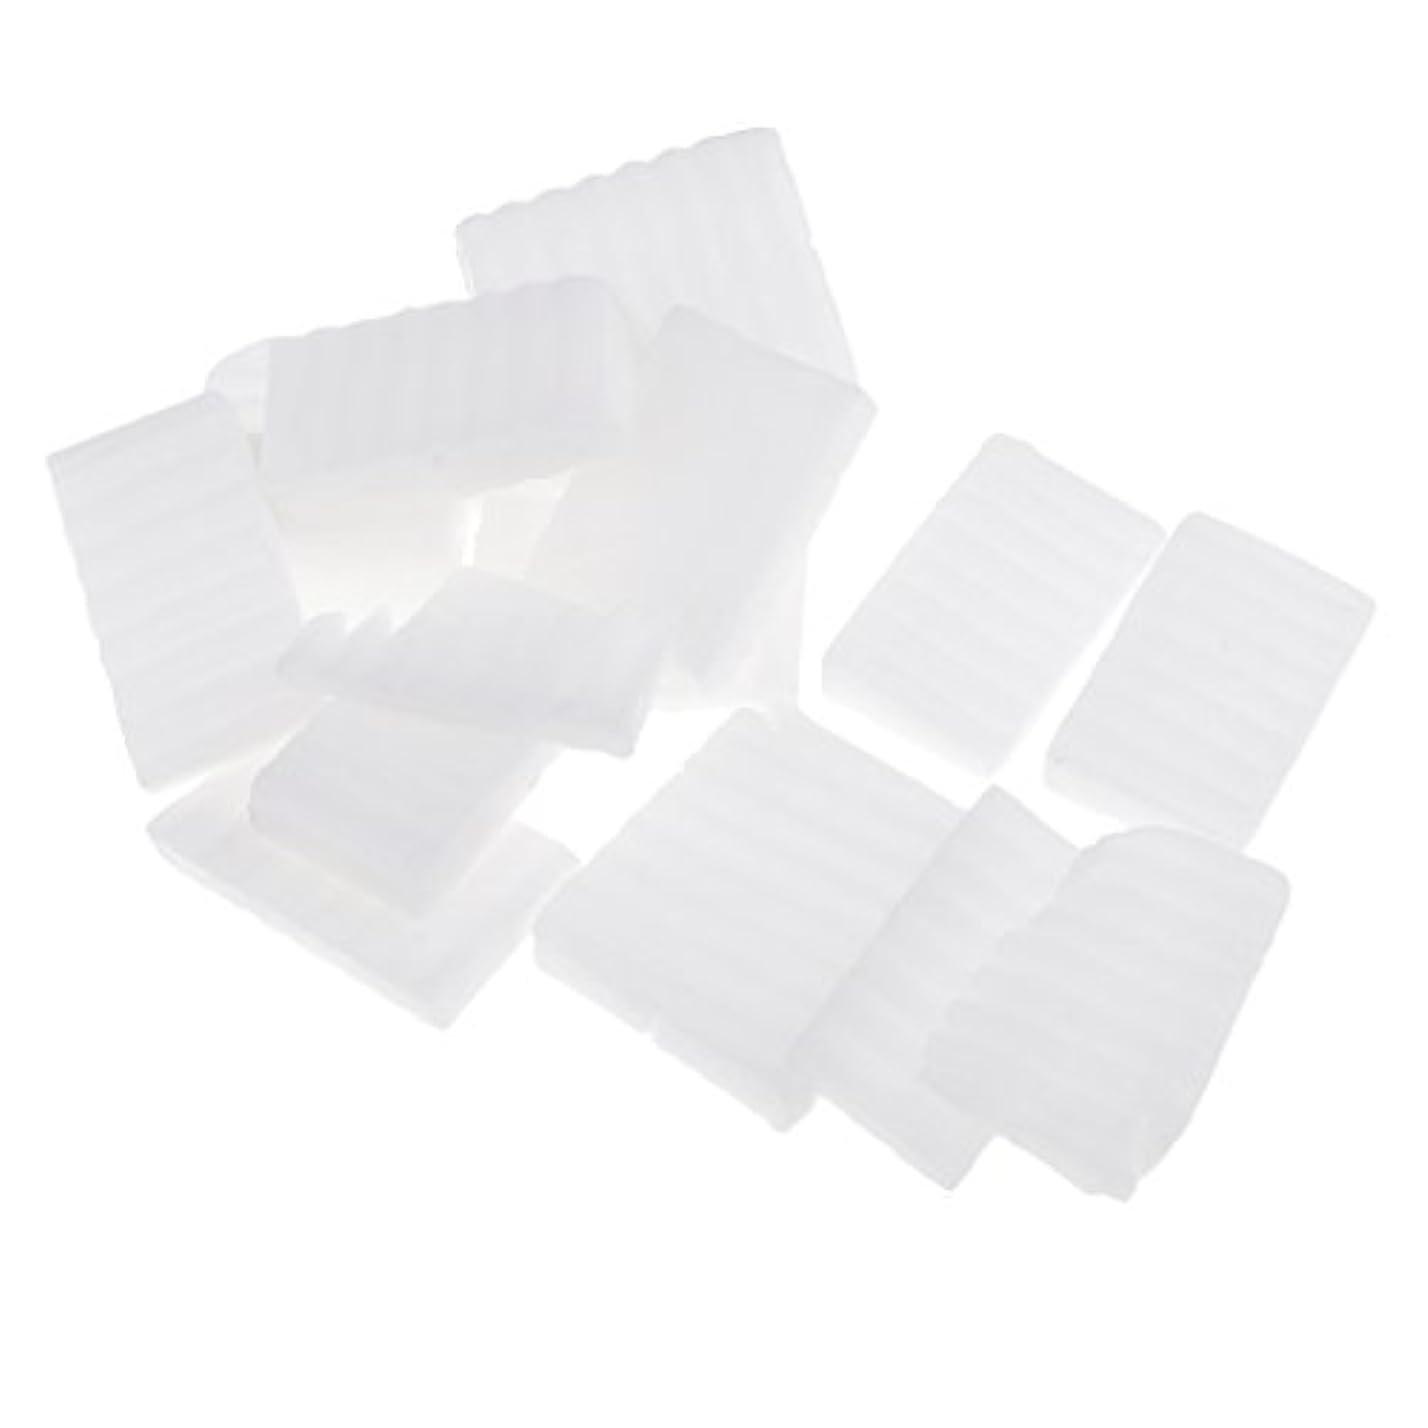 せがむ断線区Homyl 約500g ホワイト 石鹸ベース DIY 手作り 石鹸 材料